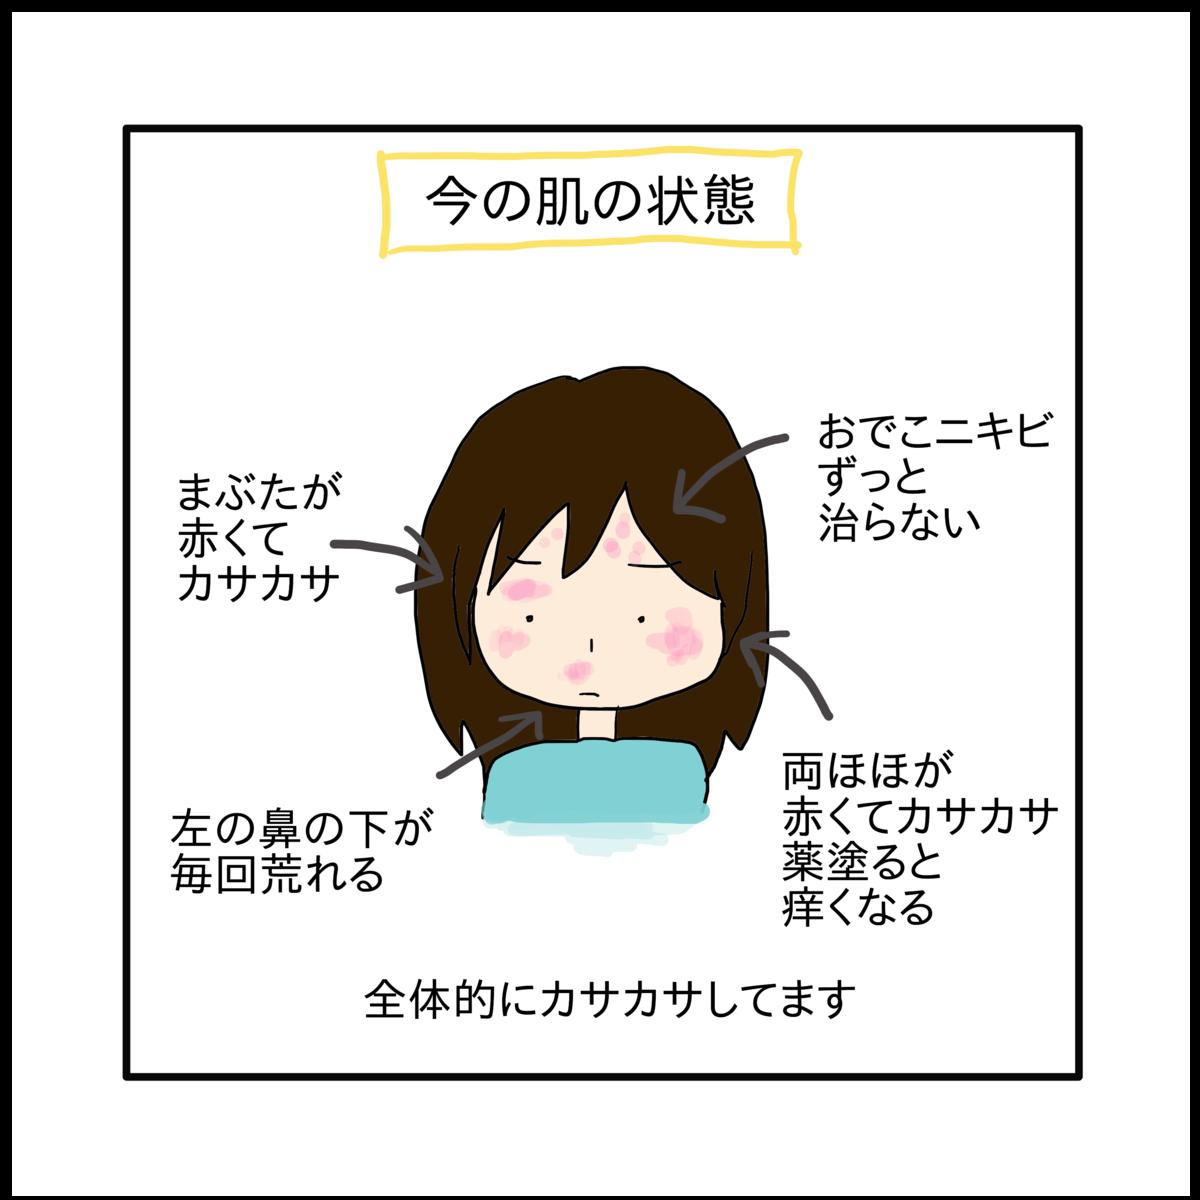 f:id:usuisachiyo28:20191030220023p:plain